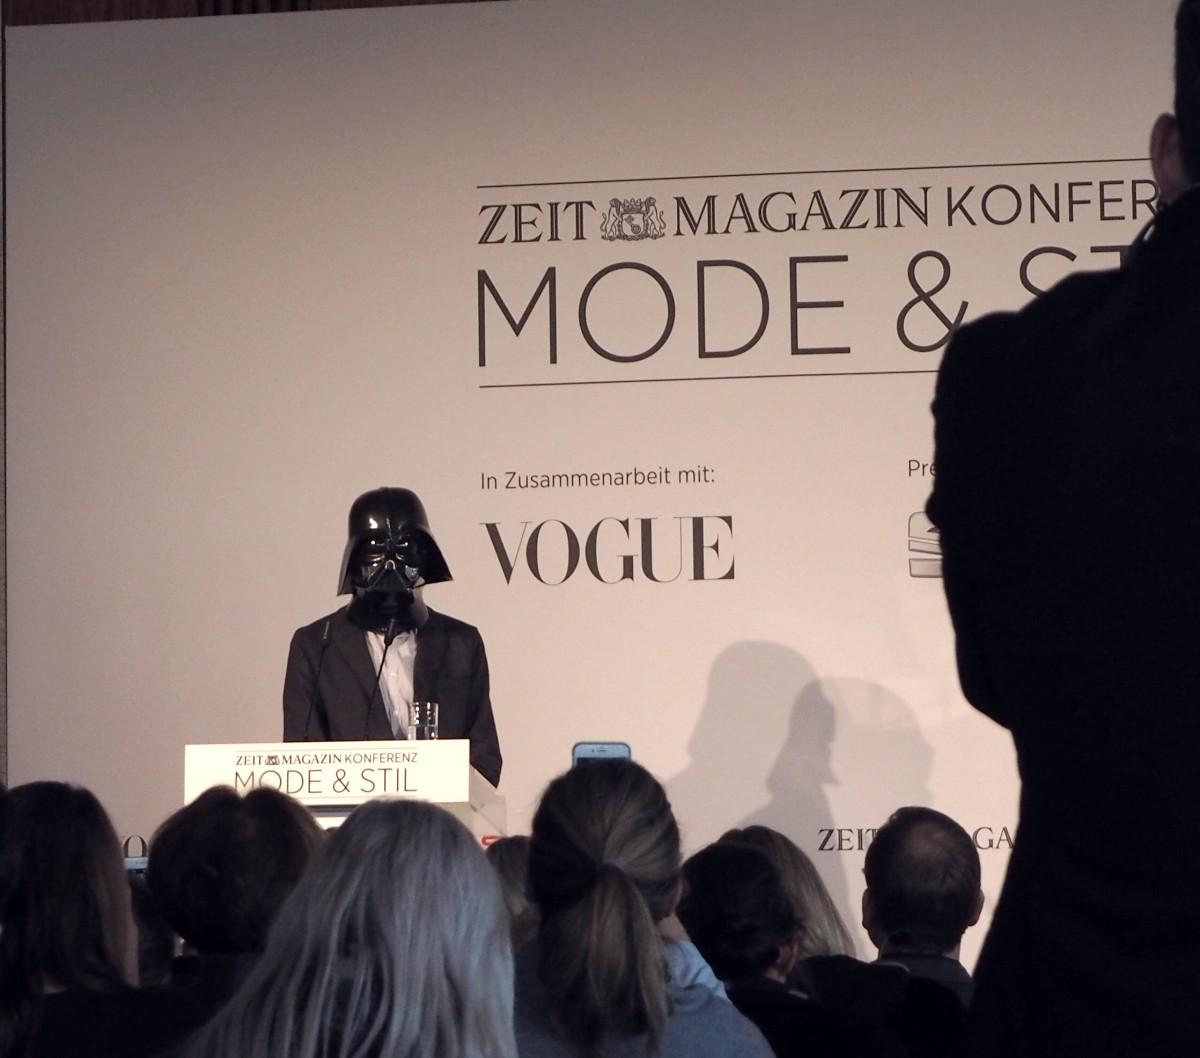 ZEITmagazin Konferenz Tilmann Prüfer